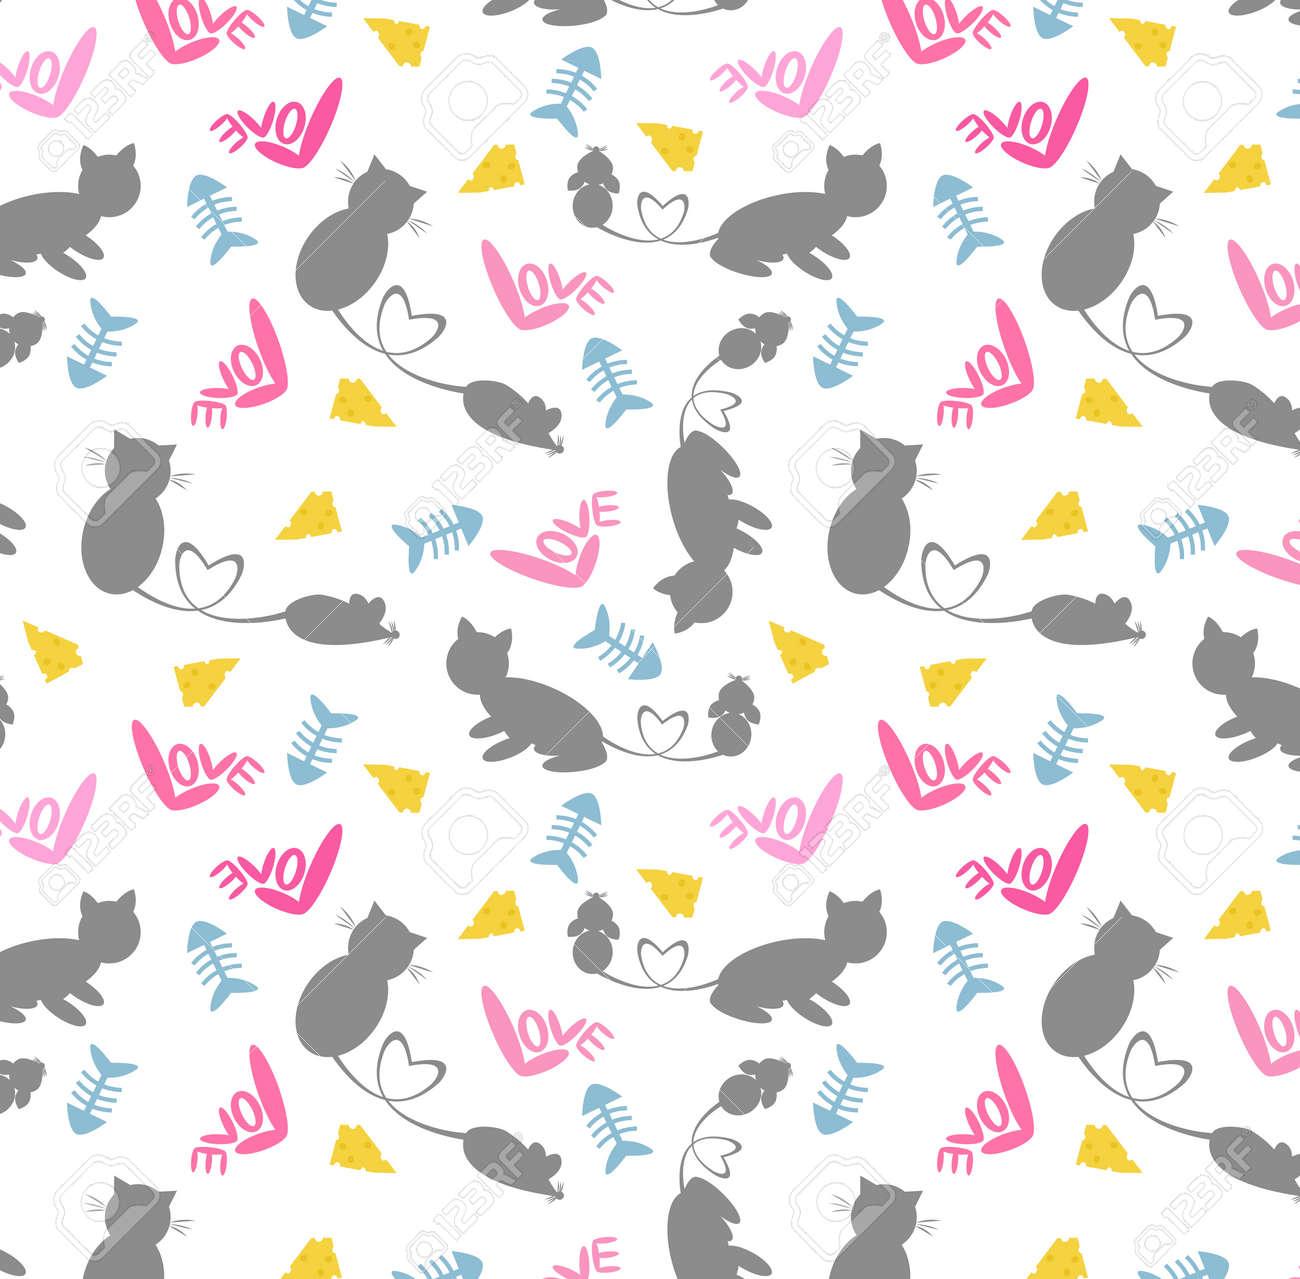 猫とネズミのかわいい漫画パターン ベクトル イラスト猫とネズミ 子供のためのシームレスなパターンのかわいい漫画 猫とネズミの壁紙の背景が大好きです の イラスト素材 ベクタ Image